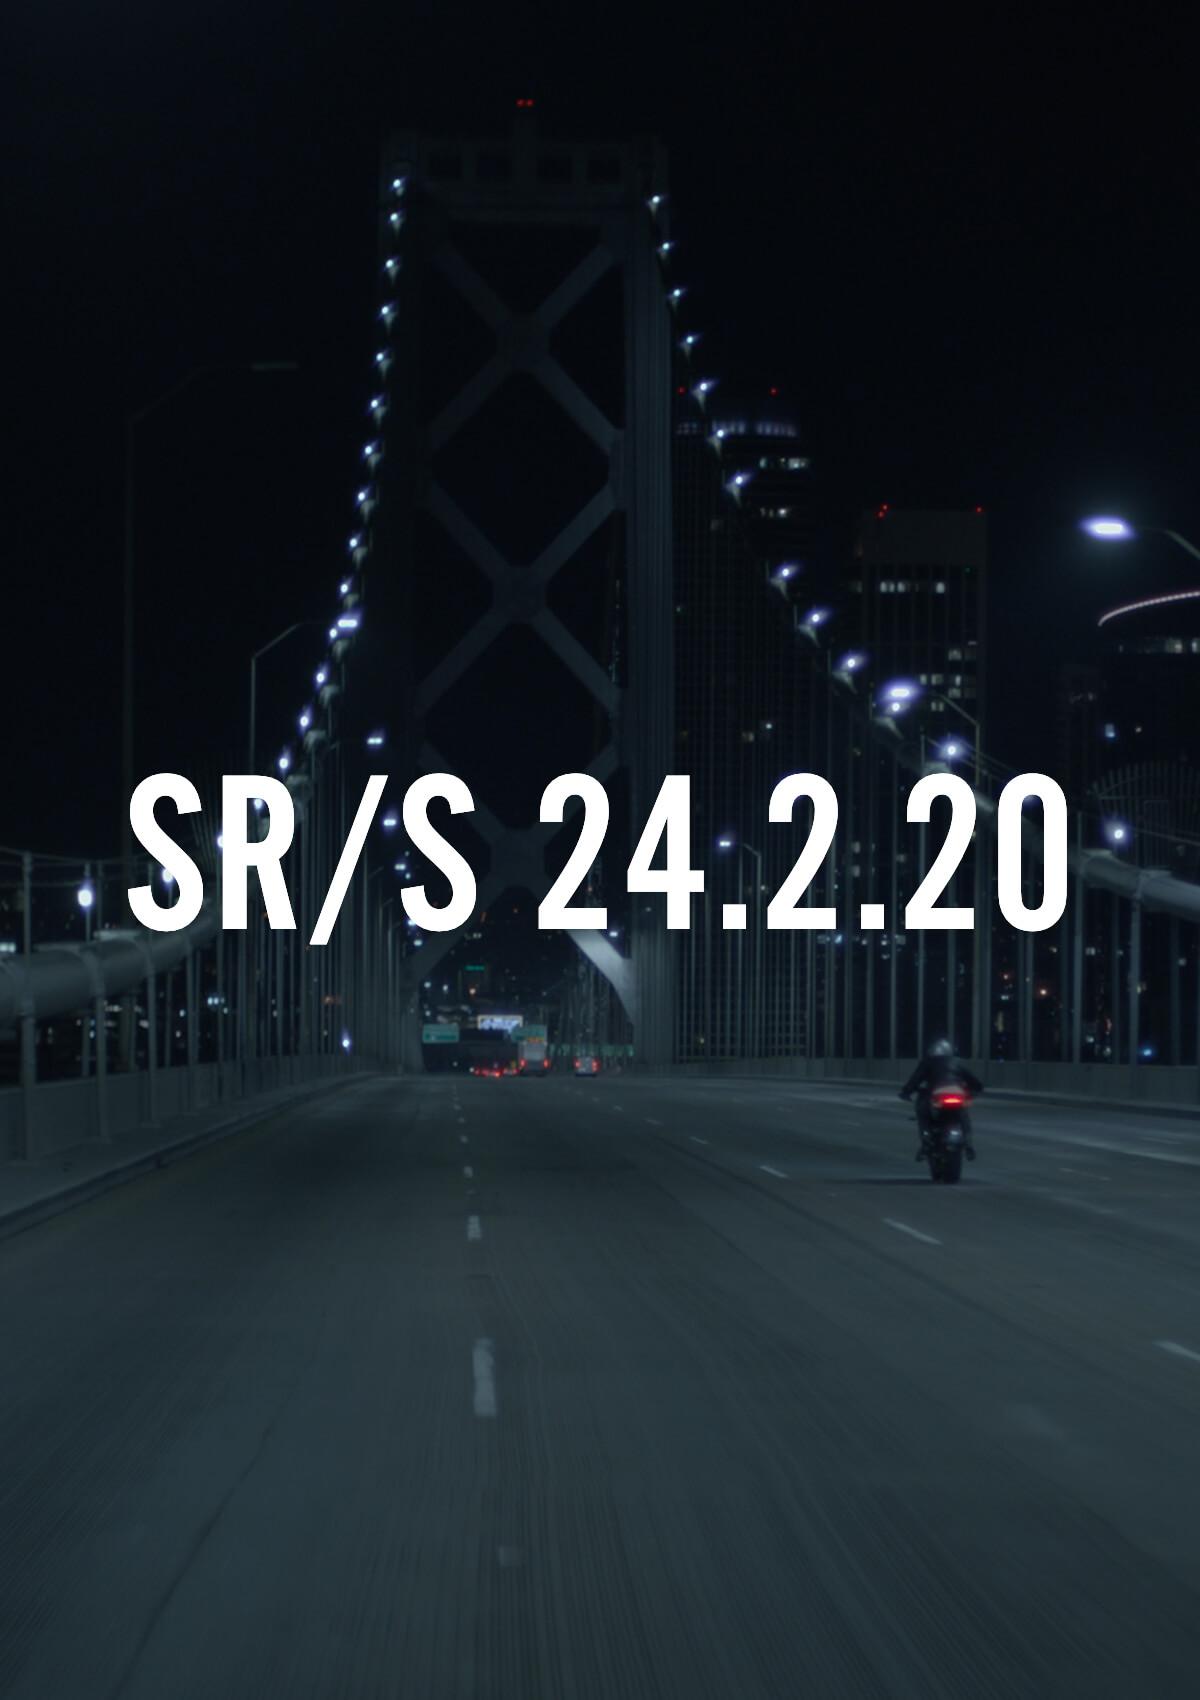 Neue Zero SR/S am 24. Februar?